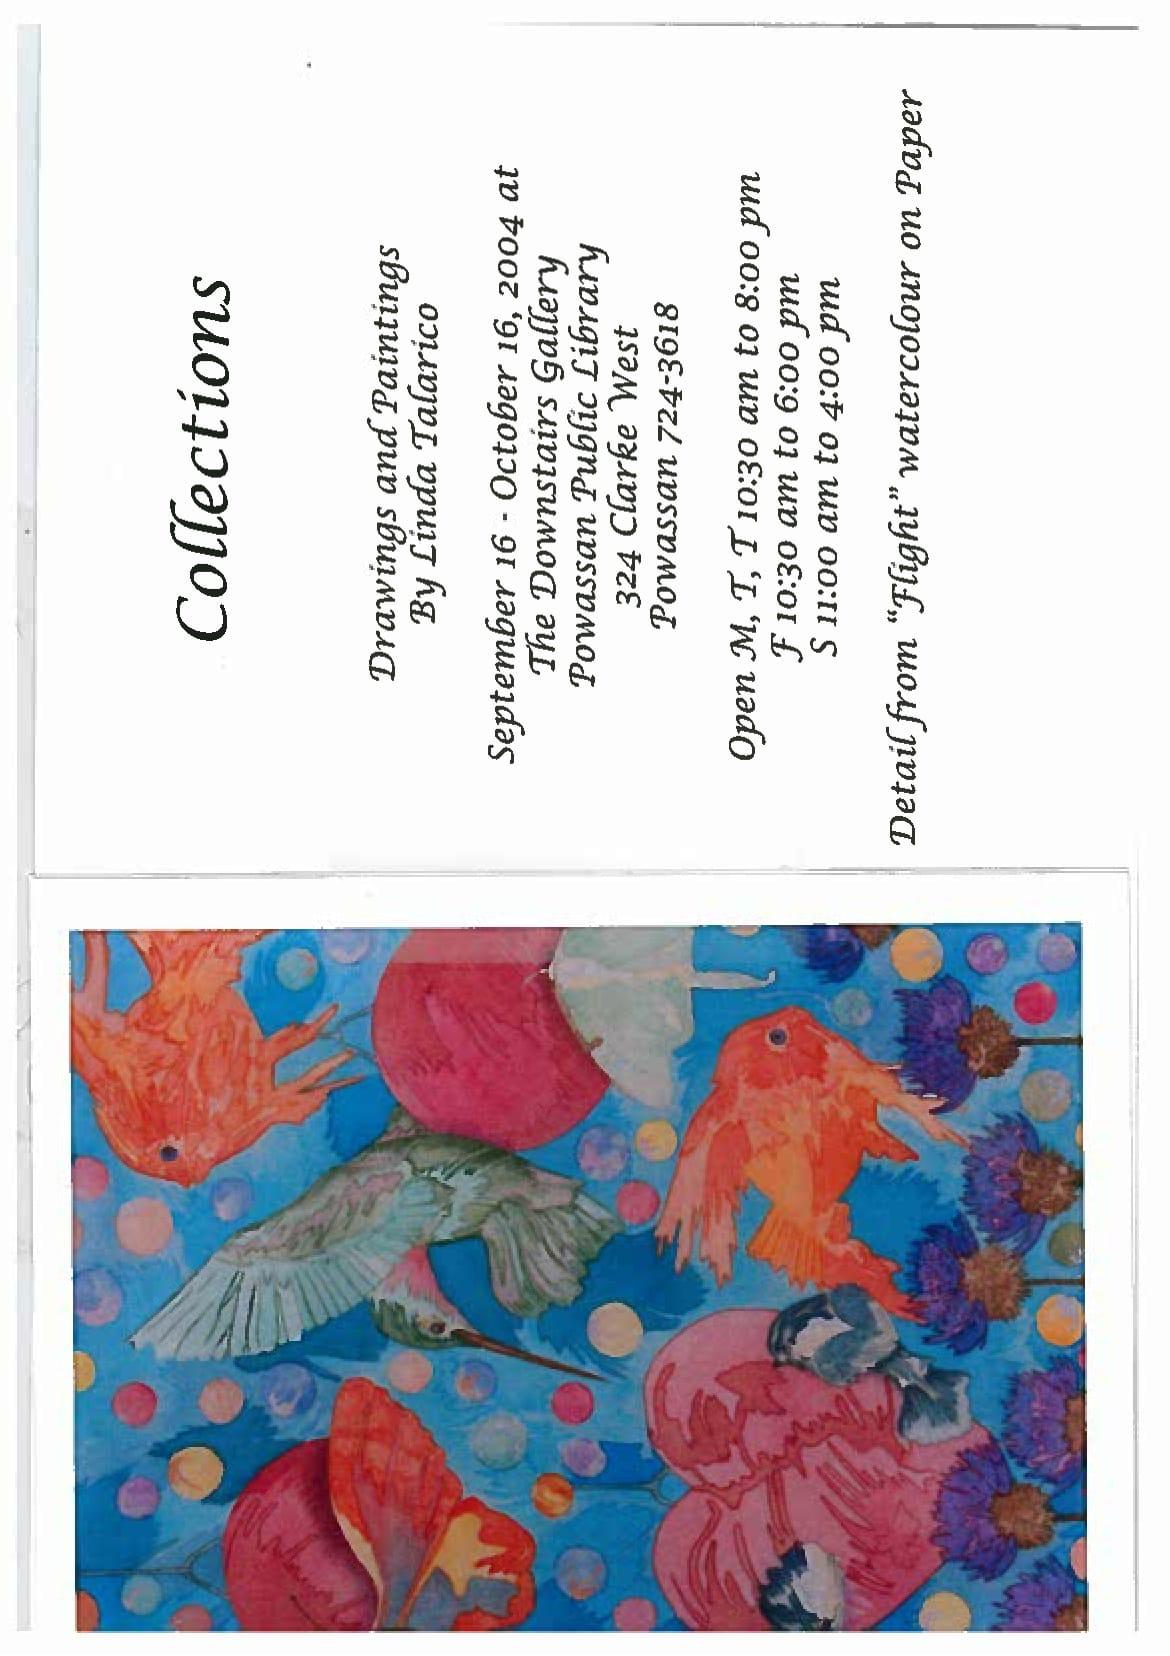 Setpember 2004 - Linda Telearico - Poster-1